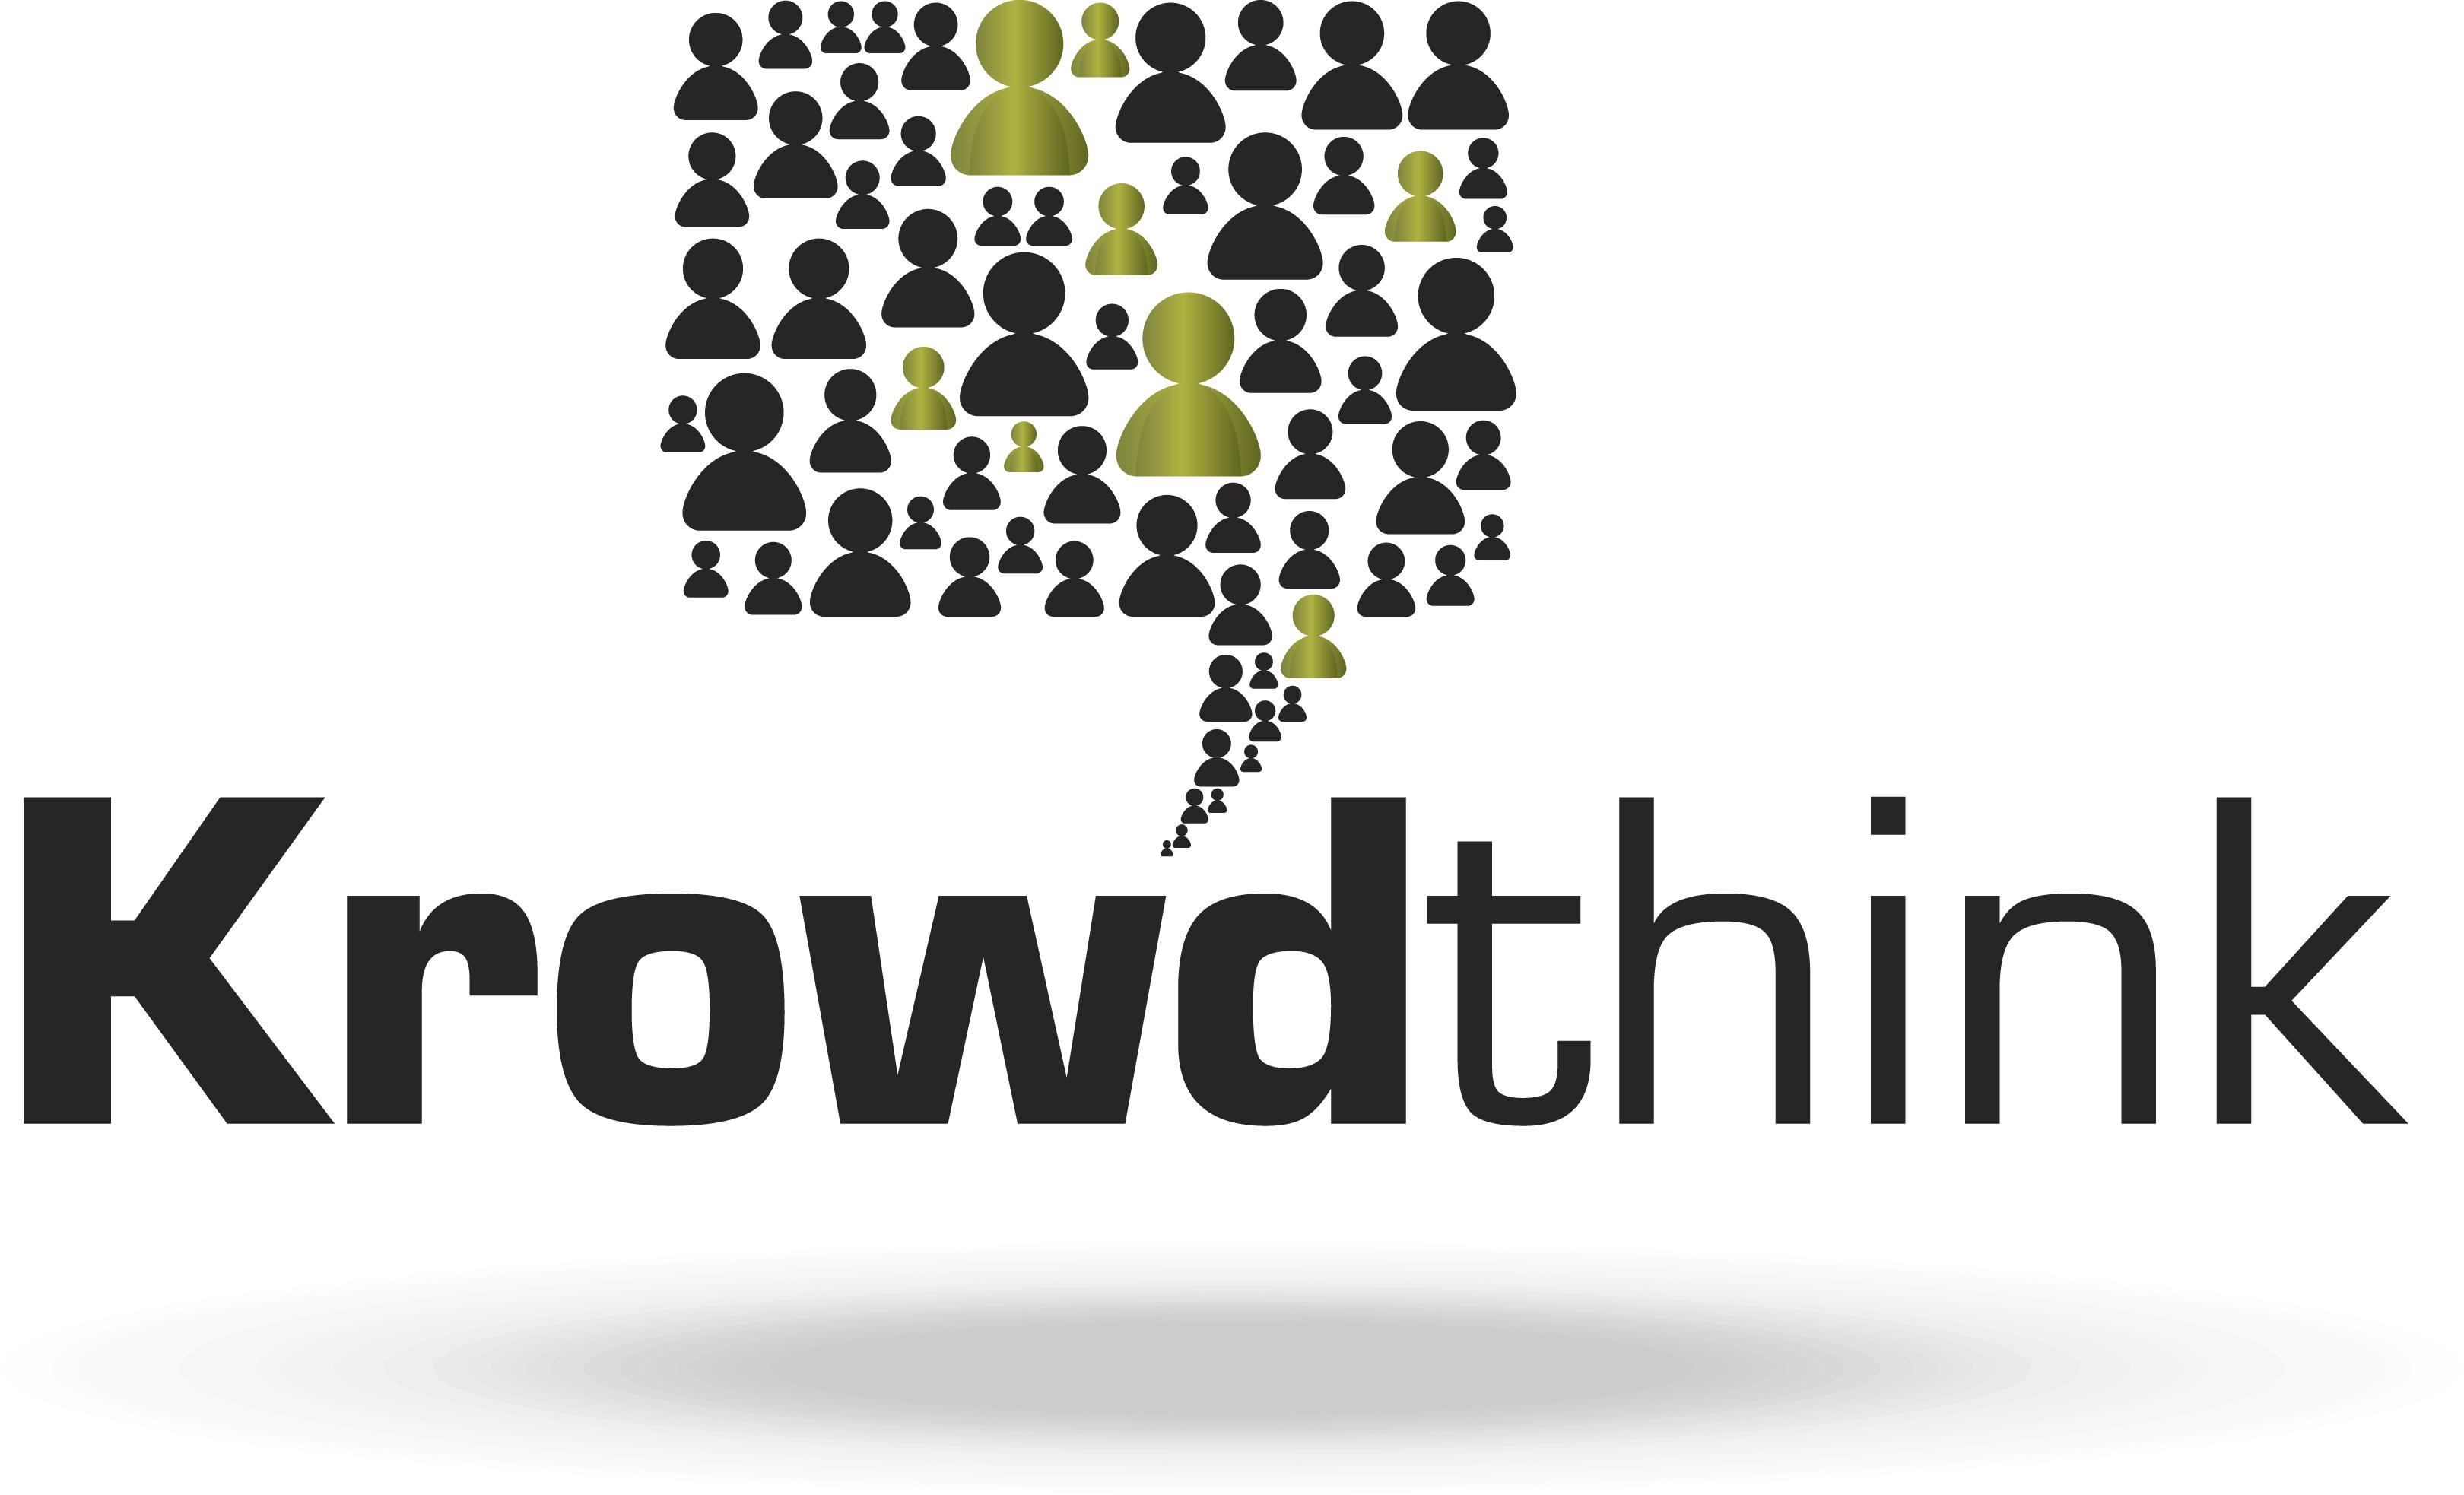 Krowdthink Ltd